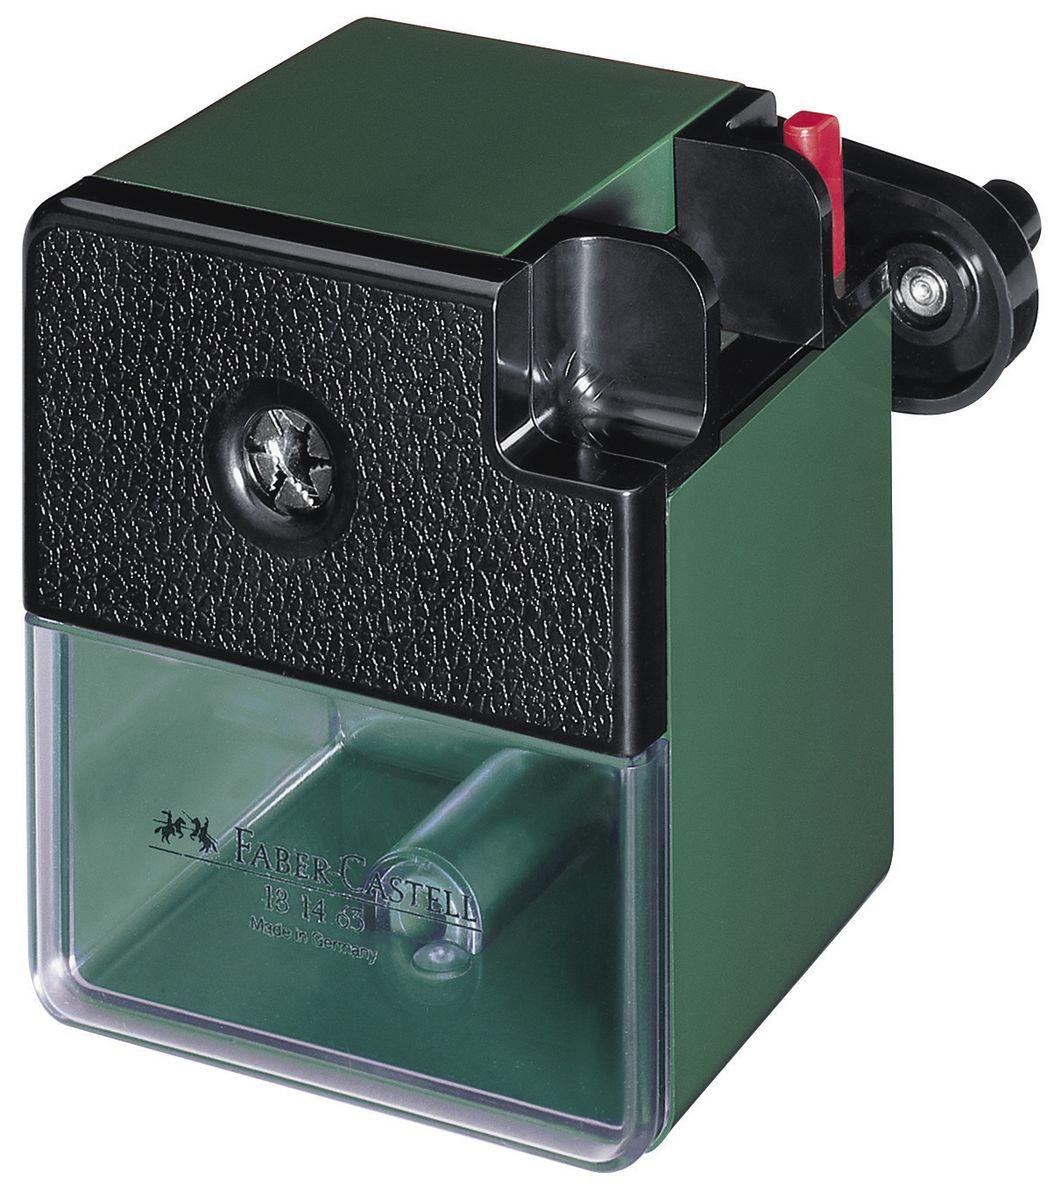 Faber-Castell Точилка настольная цвет темно-зеленый181463Точилка Faber-Castell - удобный и практичный инструмент в повседневной офисной работе.Точилка из высококачественного пластика оснащена рукояткой с механизмом кругового вращения и съемным контейнером для стружки. Вращающийся, остро заточенный металлический нож точилки обеспечивает бережную и качественную заточку круглых, шестигранных и трехгранных карандашей.В комплекте с точилкой предусмотрено крепление к столу.